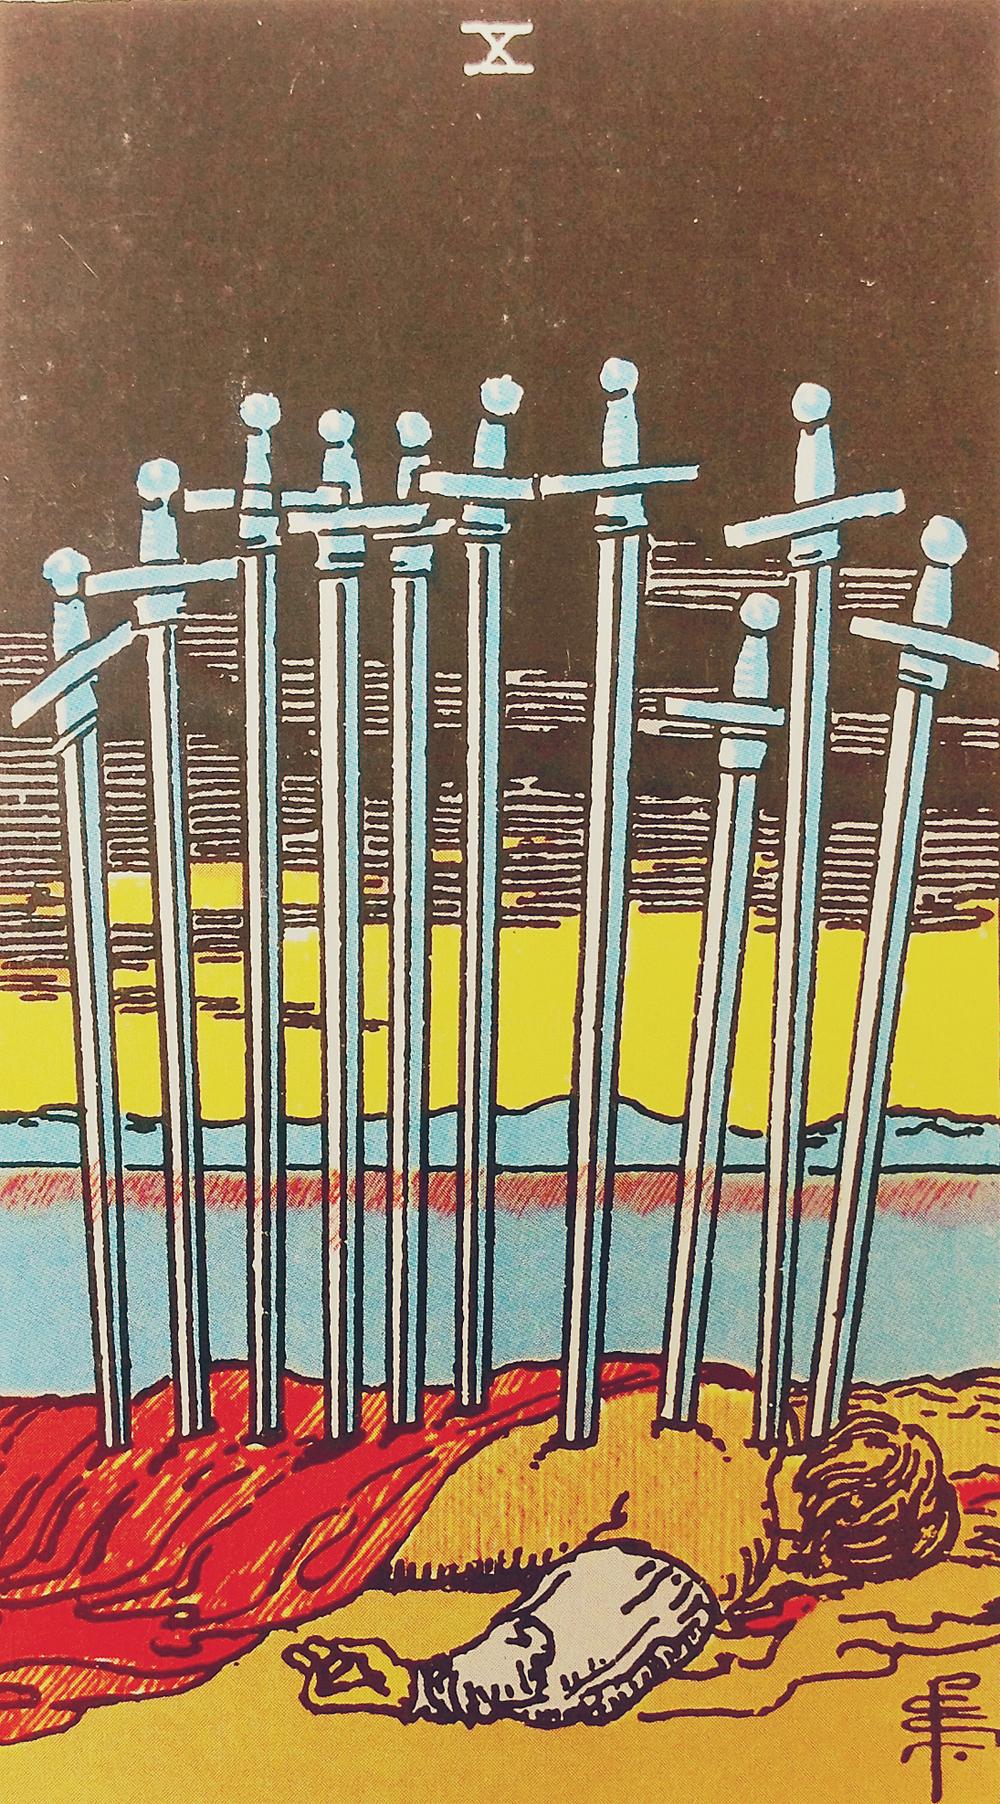 10+swords+rw.jpg